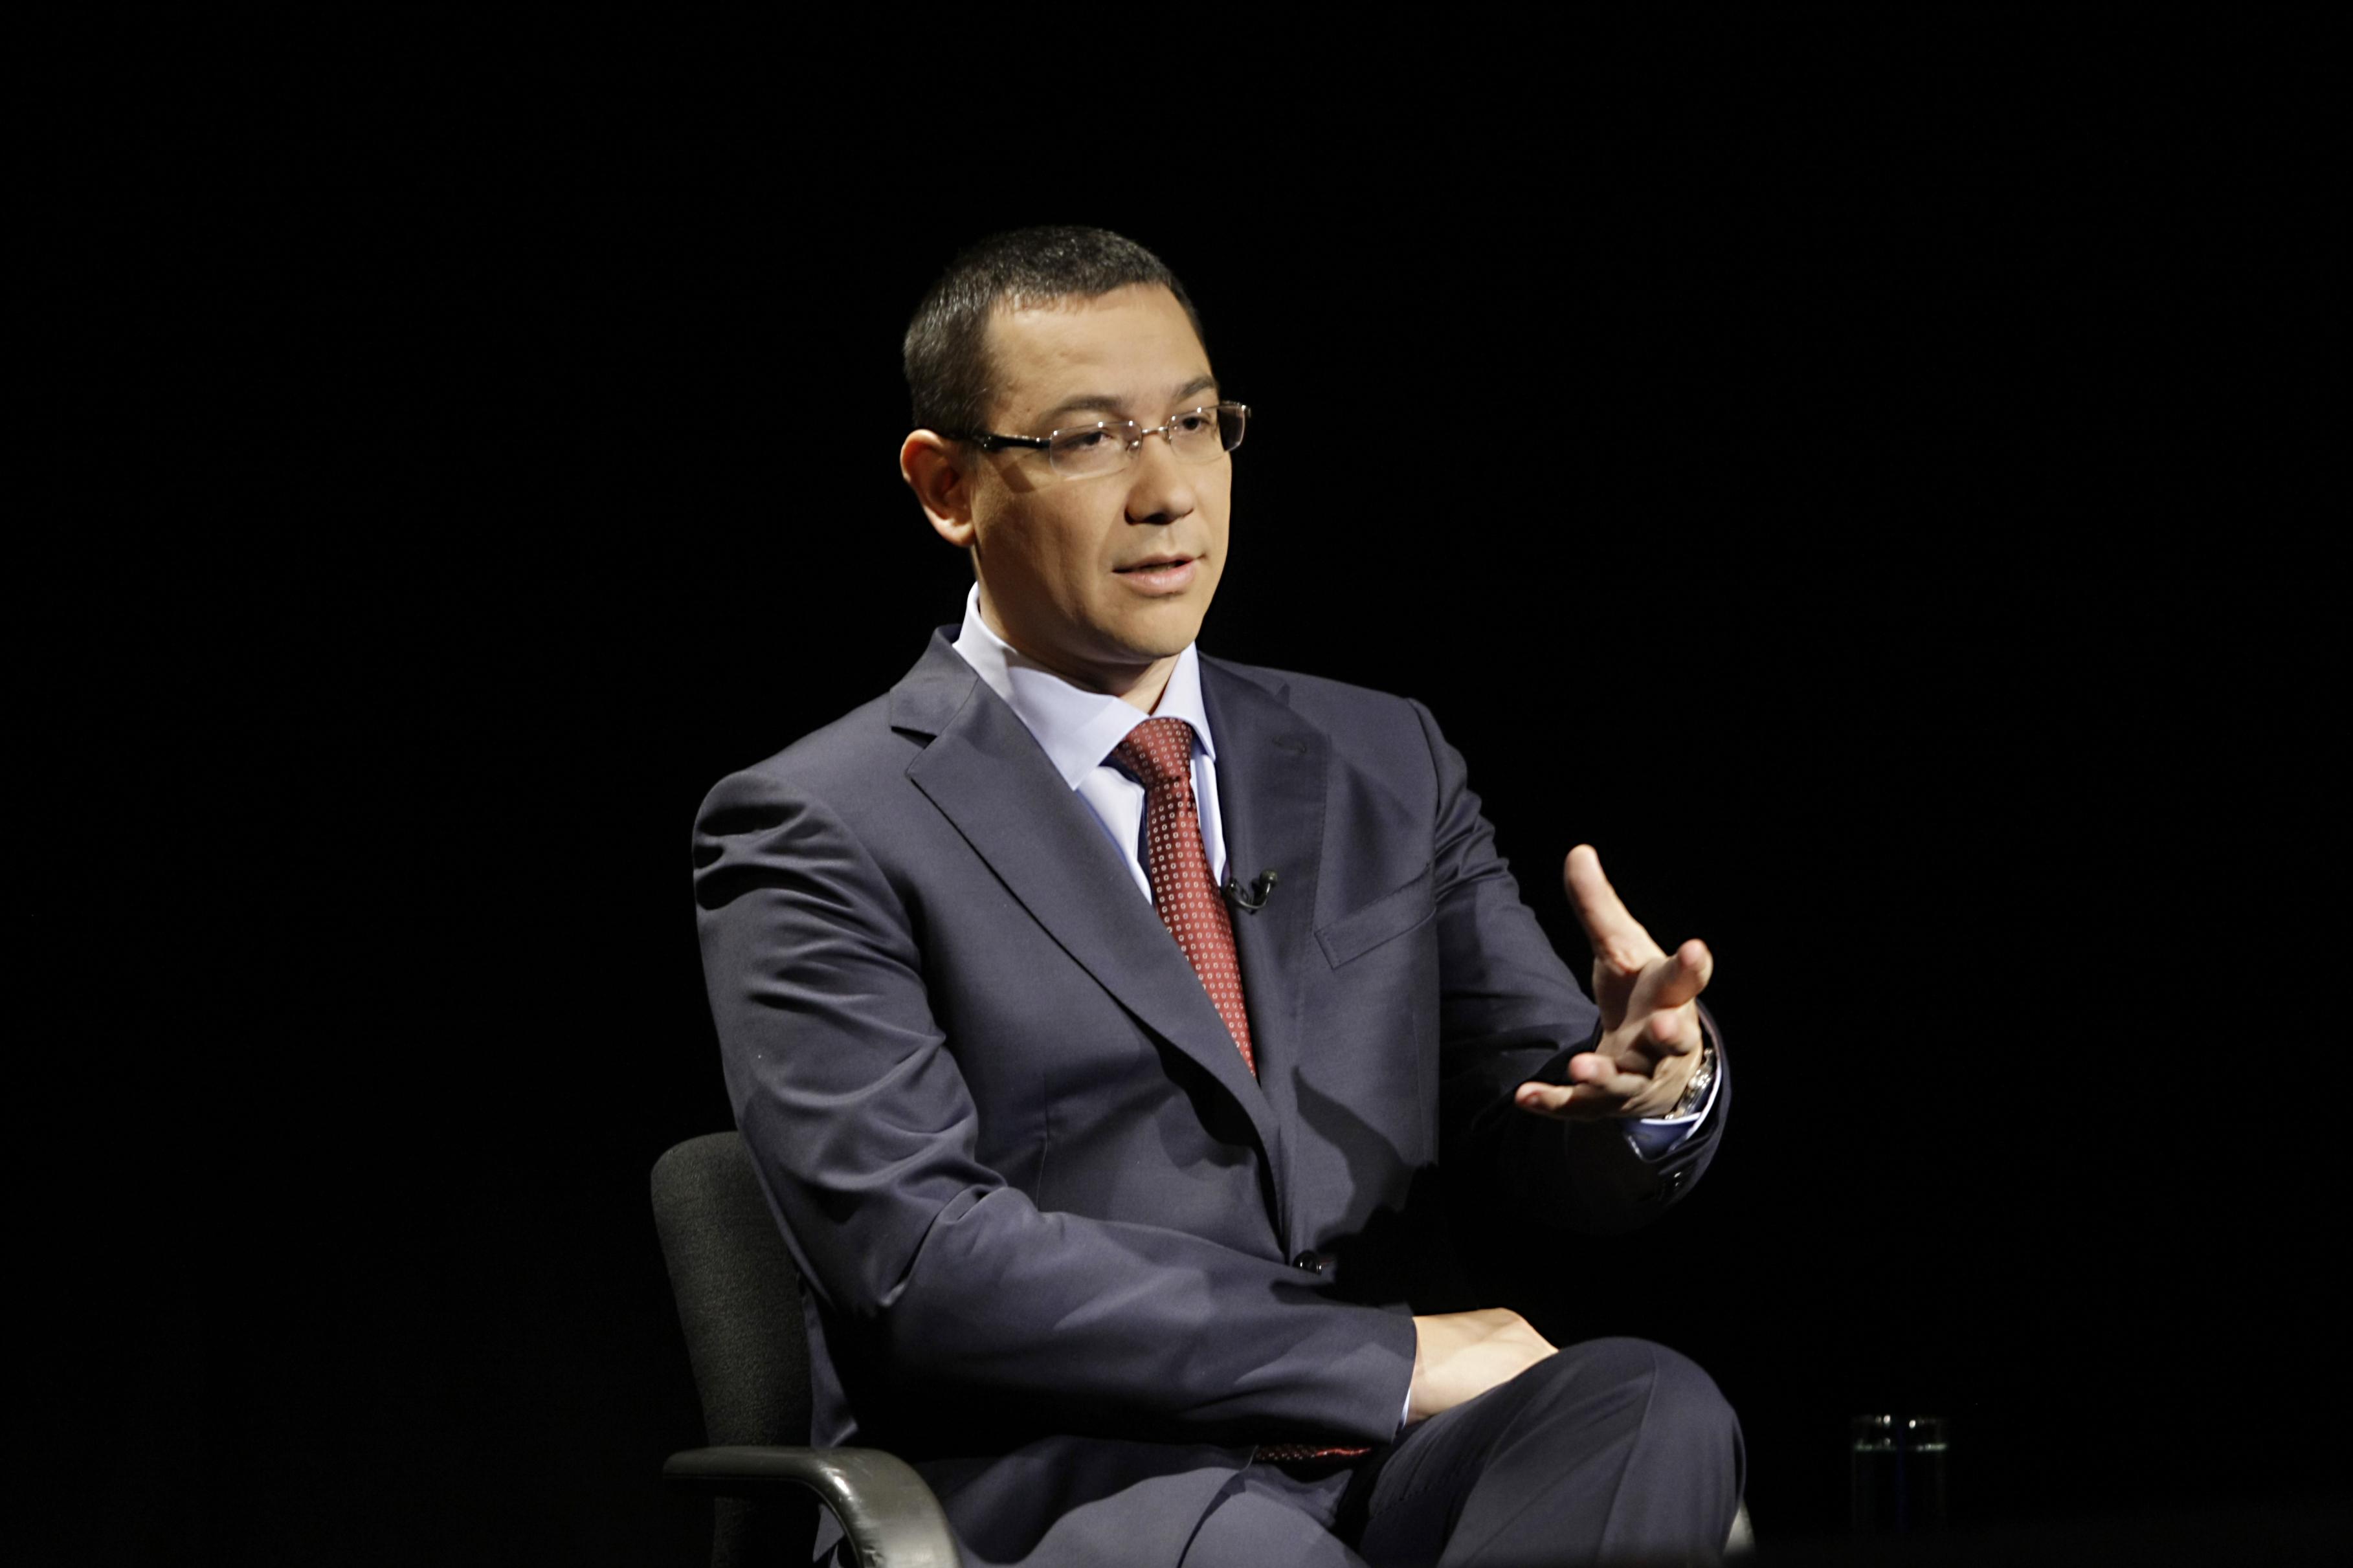 Ponta asigura din nou ca Tratatul ACTA nu va fi ratificat pana cand nu este modificat la Bruxelles